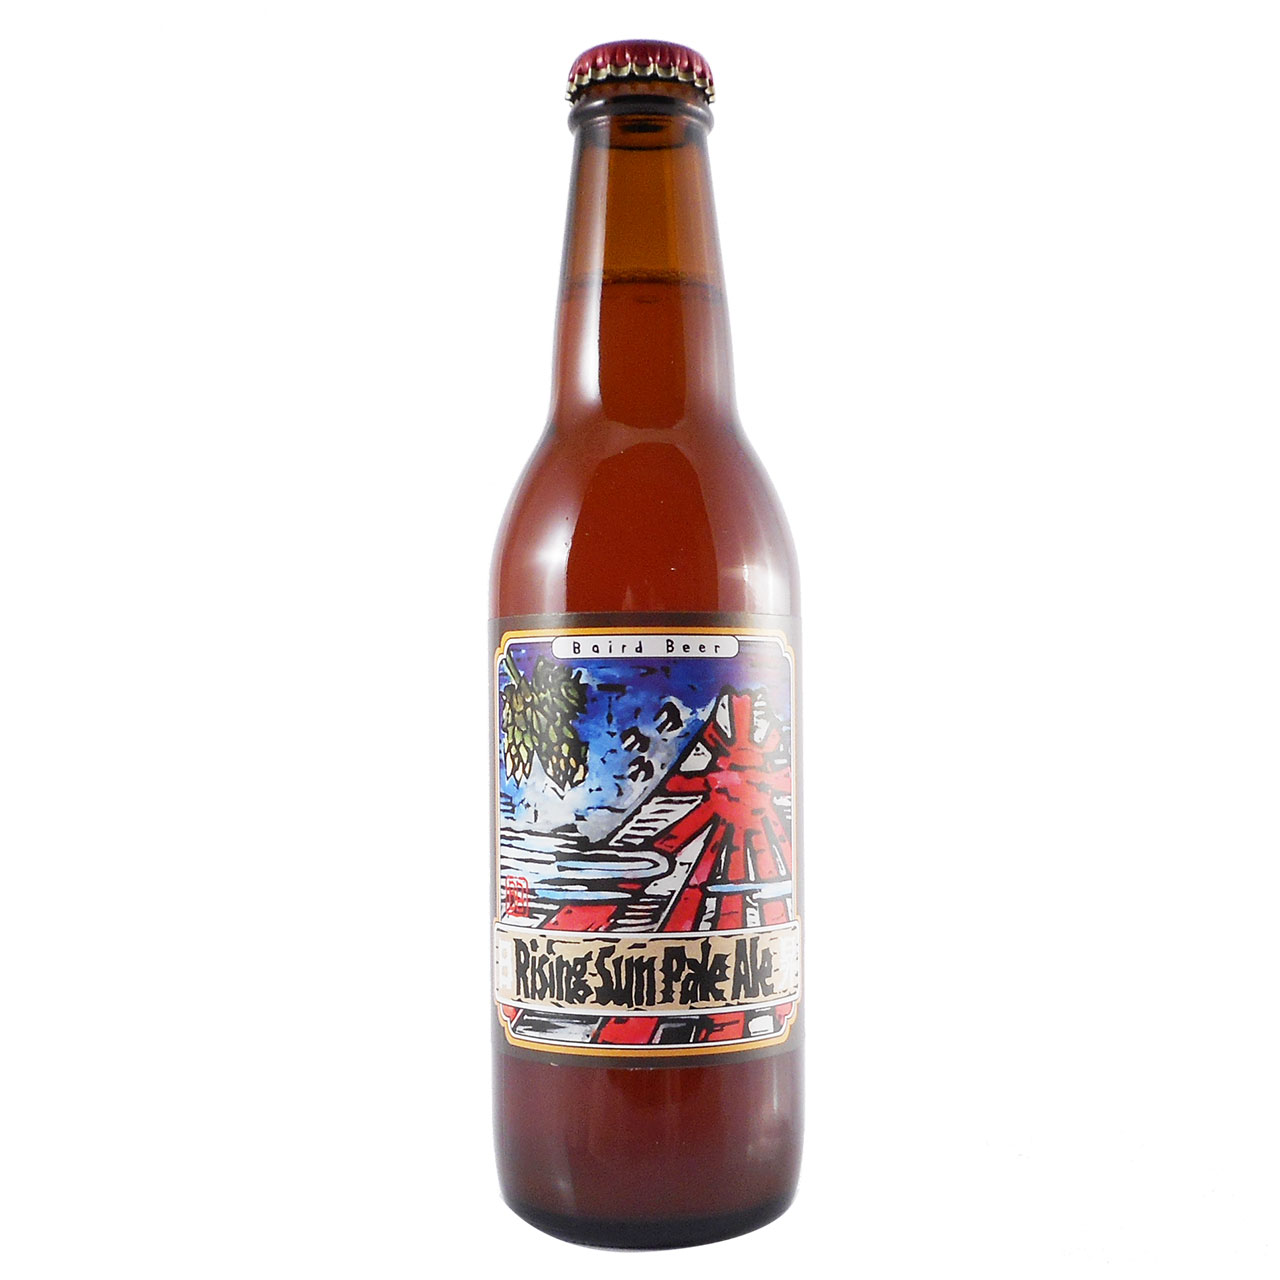 【ラッキーシール対応】母の日 ギフト ベアードビール ライジングサンペールエール 330ml 24本 静岡修善寺クラフトビールケース販売 送料無料 静岡県 ベアードブルーイング ビール 国産クラフトビール・地ビール